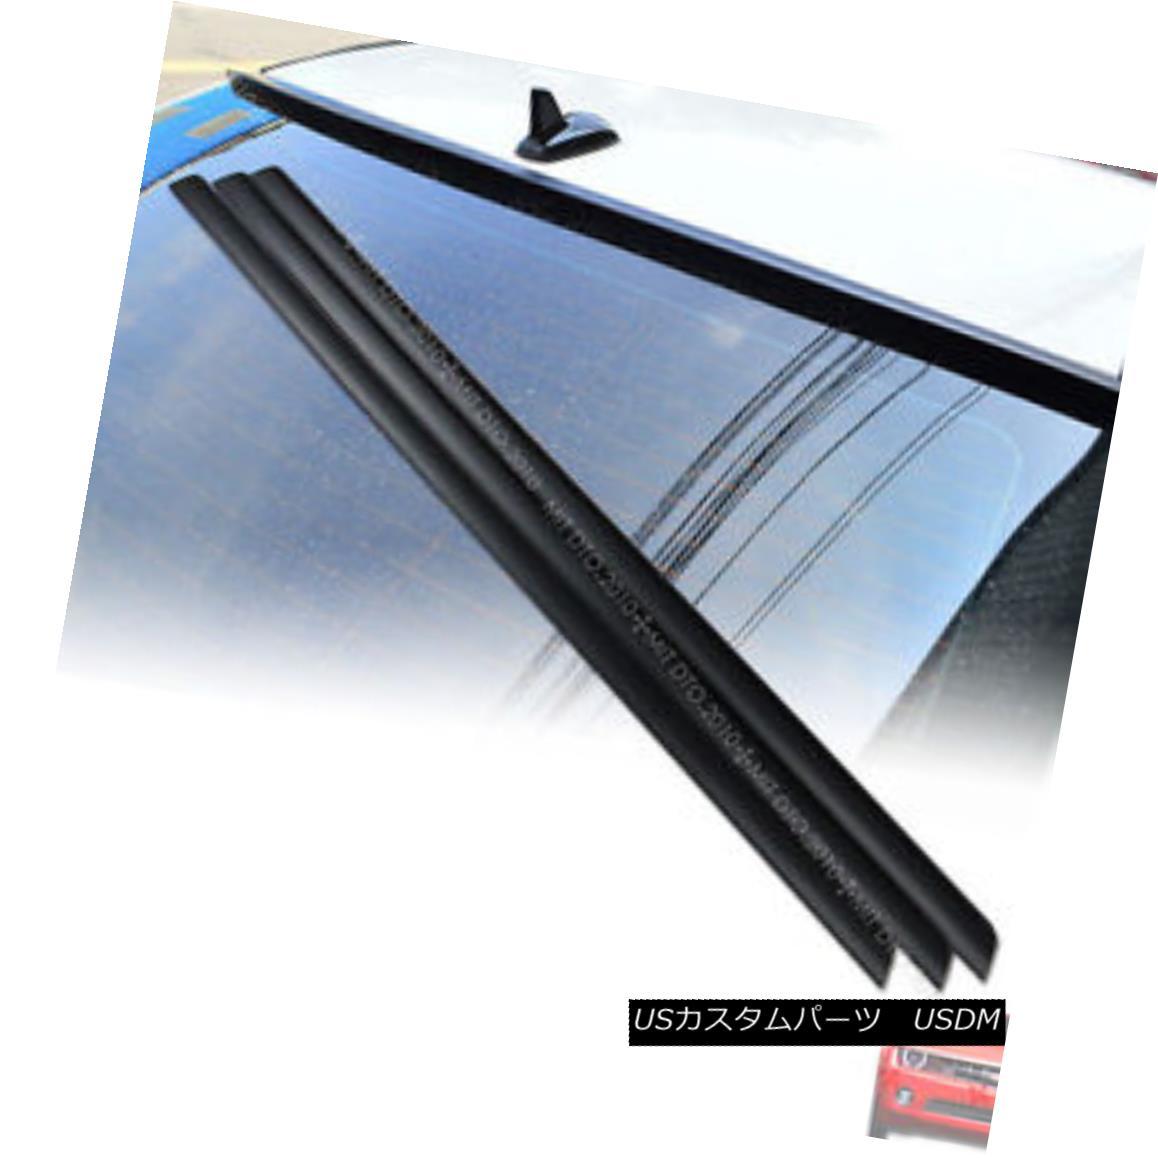 エアロパーツ Unpainted 98-00 For Lexus GS300/GS400/GS430 Rear Window Roof Lip Spoiler Sedan § 未塗装の98-00 Lexus GS300 / GS400 / GSのために 430リアウィンドウルーフリップスポイラーセダン